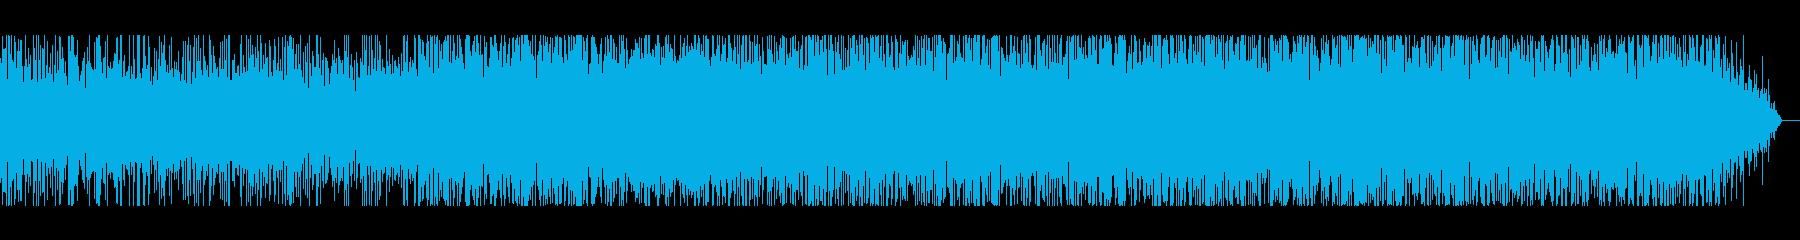 小さな滝 03 モノラル【環境音】の再生済みの波形